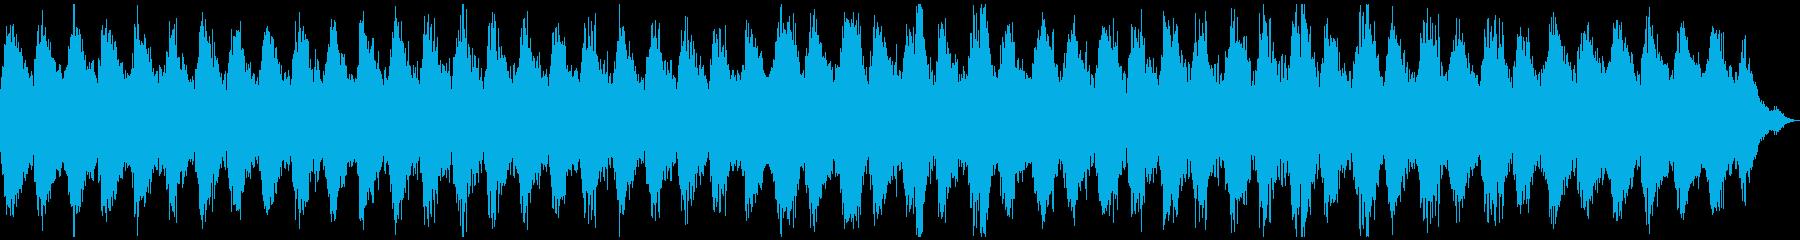 瞑想やヨガ、睡眠誘導のための音楽 04bの再生済みの波形